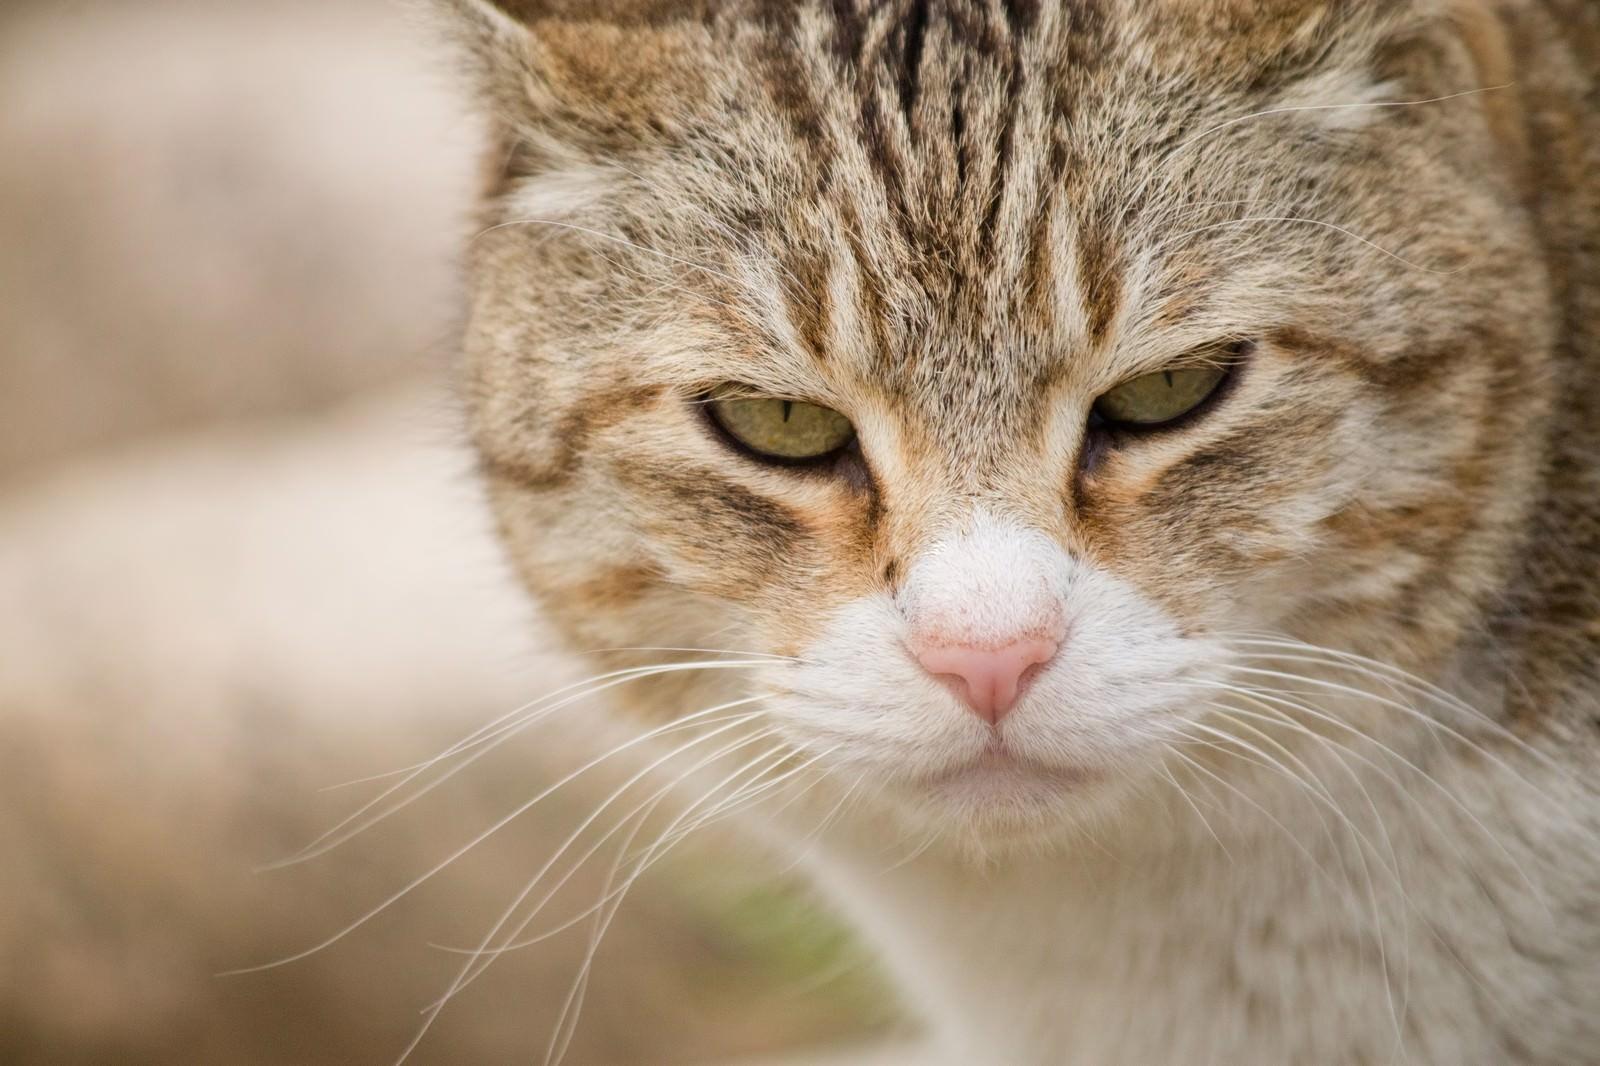 「こちらを睨みつける猫こちらを睨みつける猫」のフリー写真素材を拡大